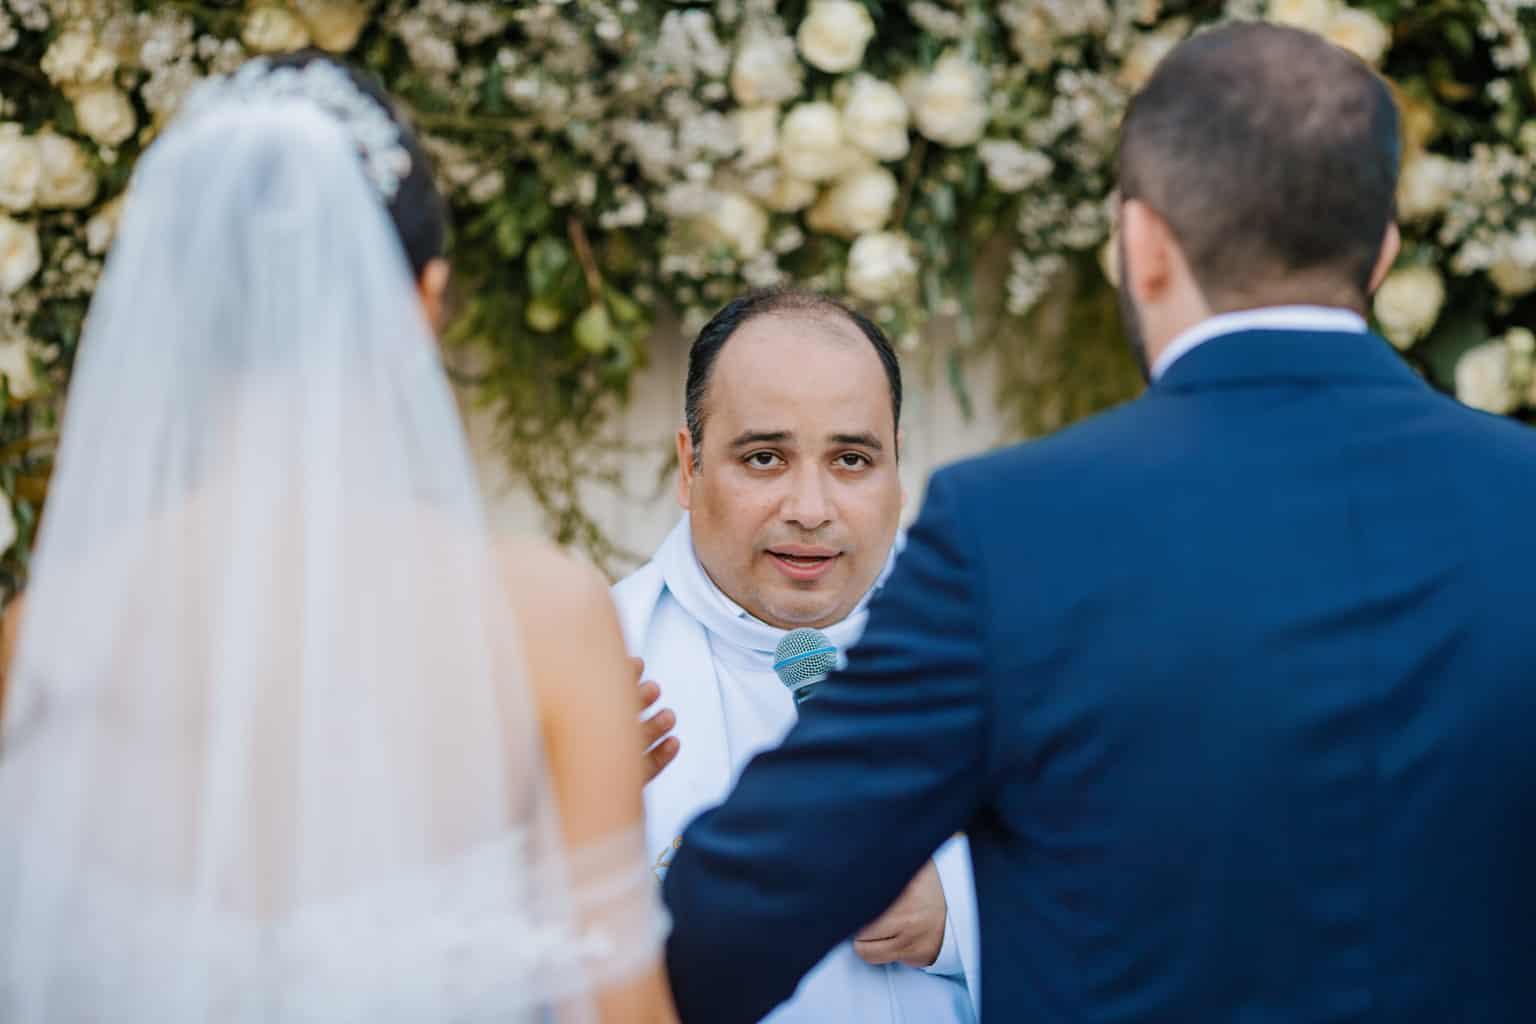 Casamento-Alissa-e-Gustavo-Cerimonial-Manu-Goncalez-Decor-Andrea-Kapps-Fasano-Angra-dos-Reis-Foto-VRebel-Cerimonia026